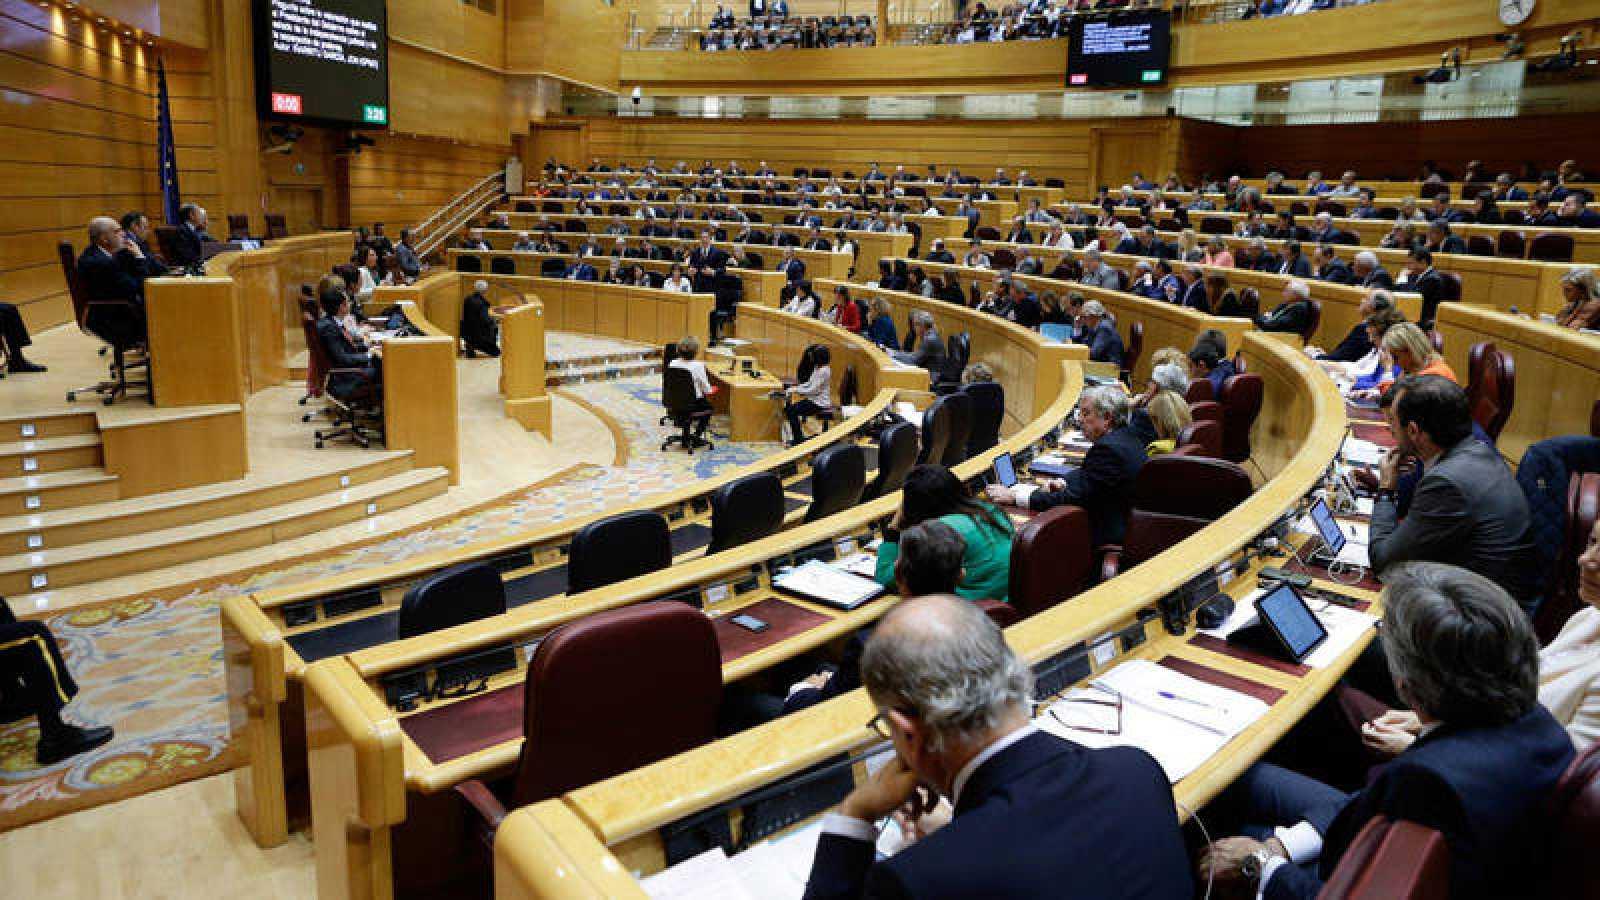 Un instante del pleno del Senado que ha aprobado la ley de Protección de Datos y Derechos Digitales